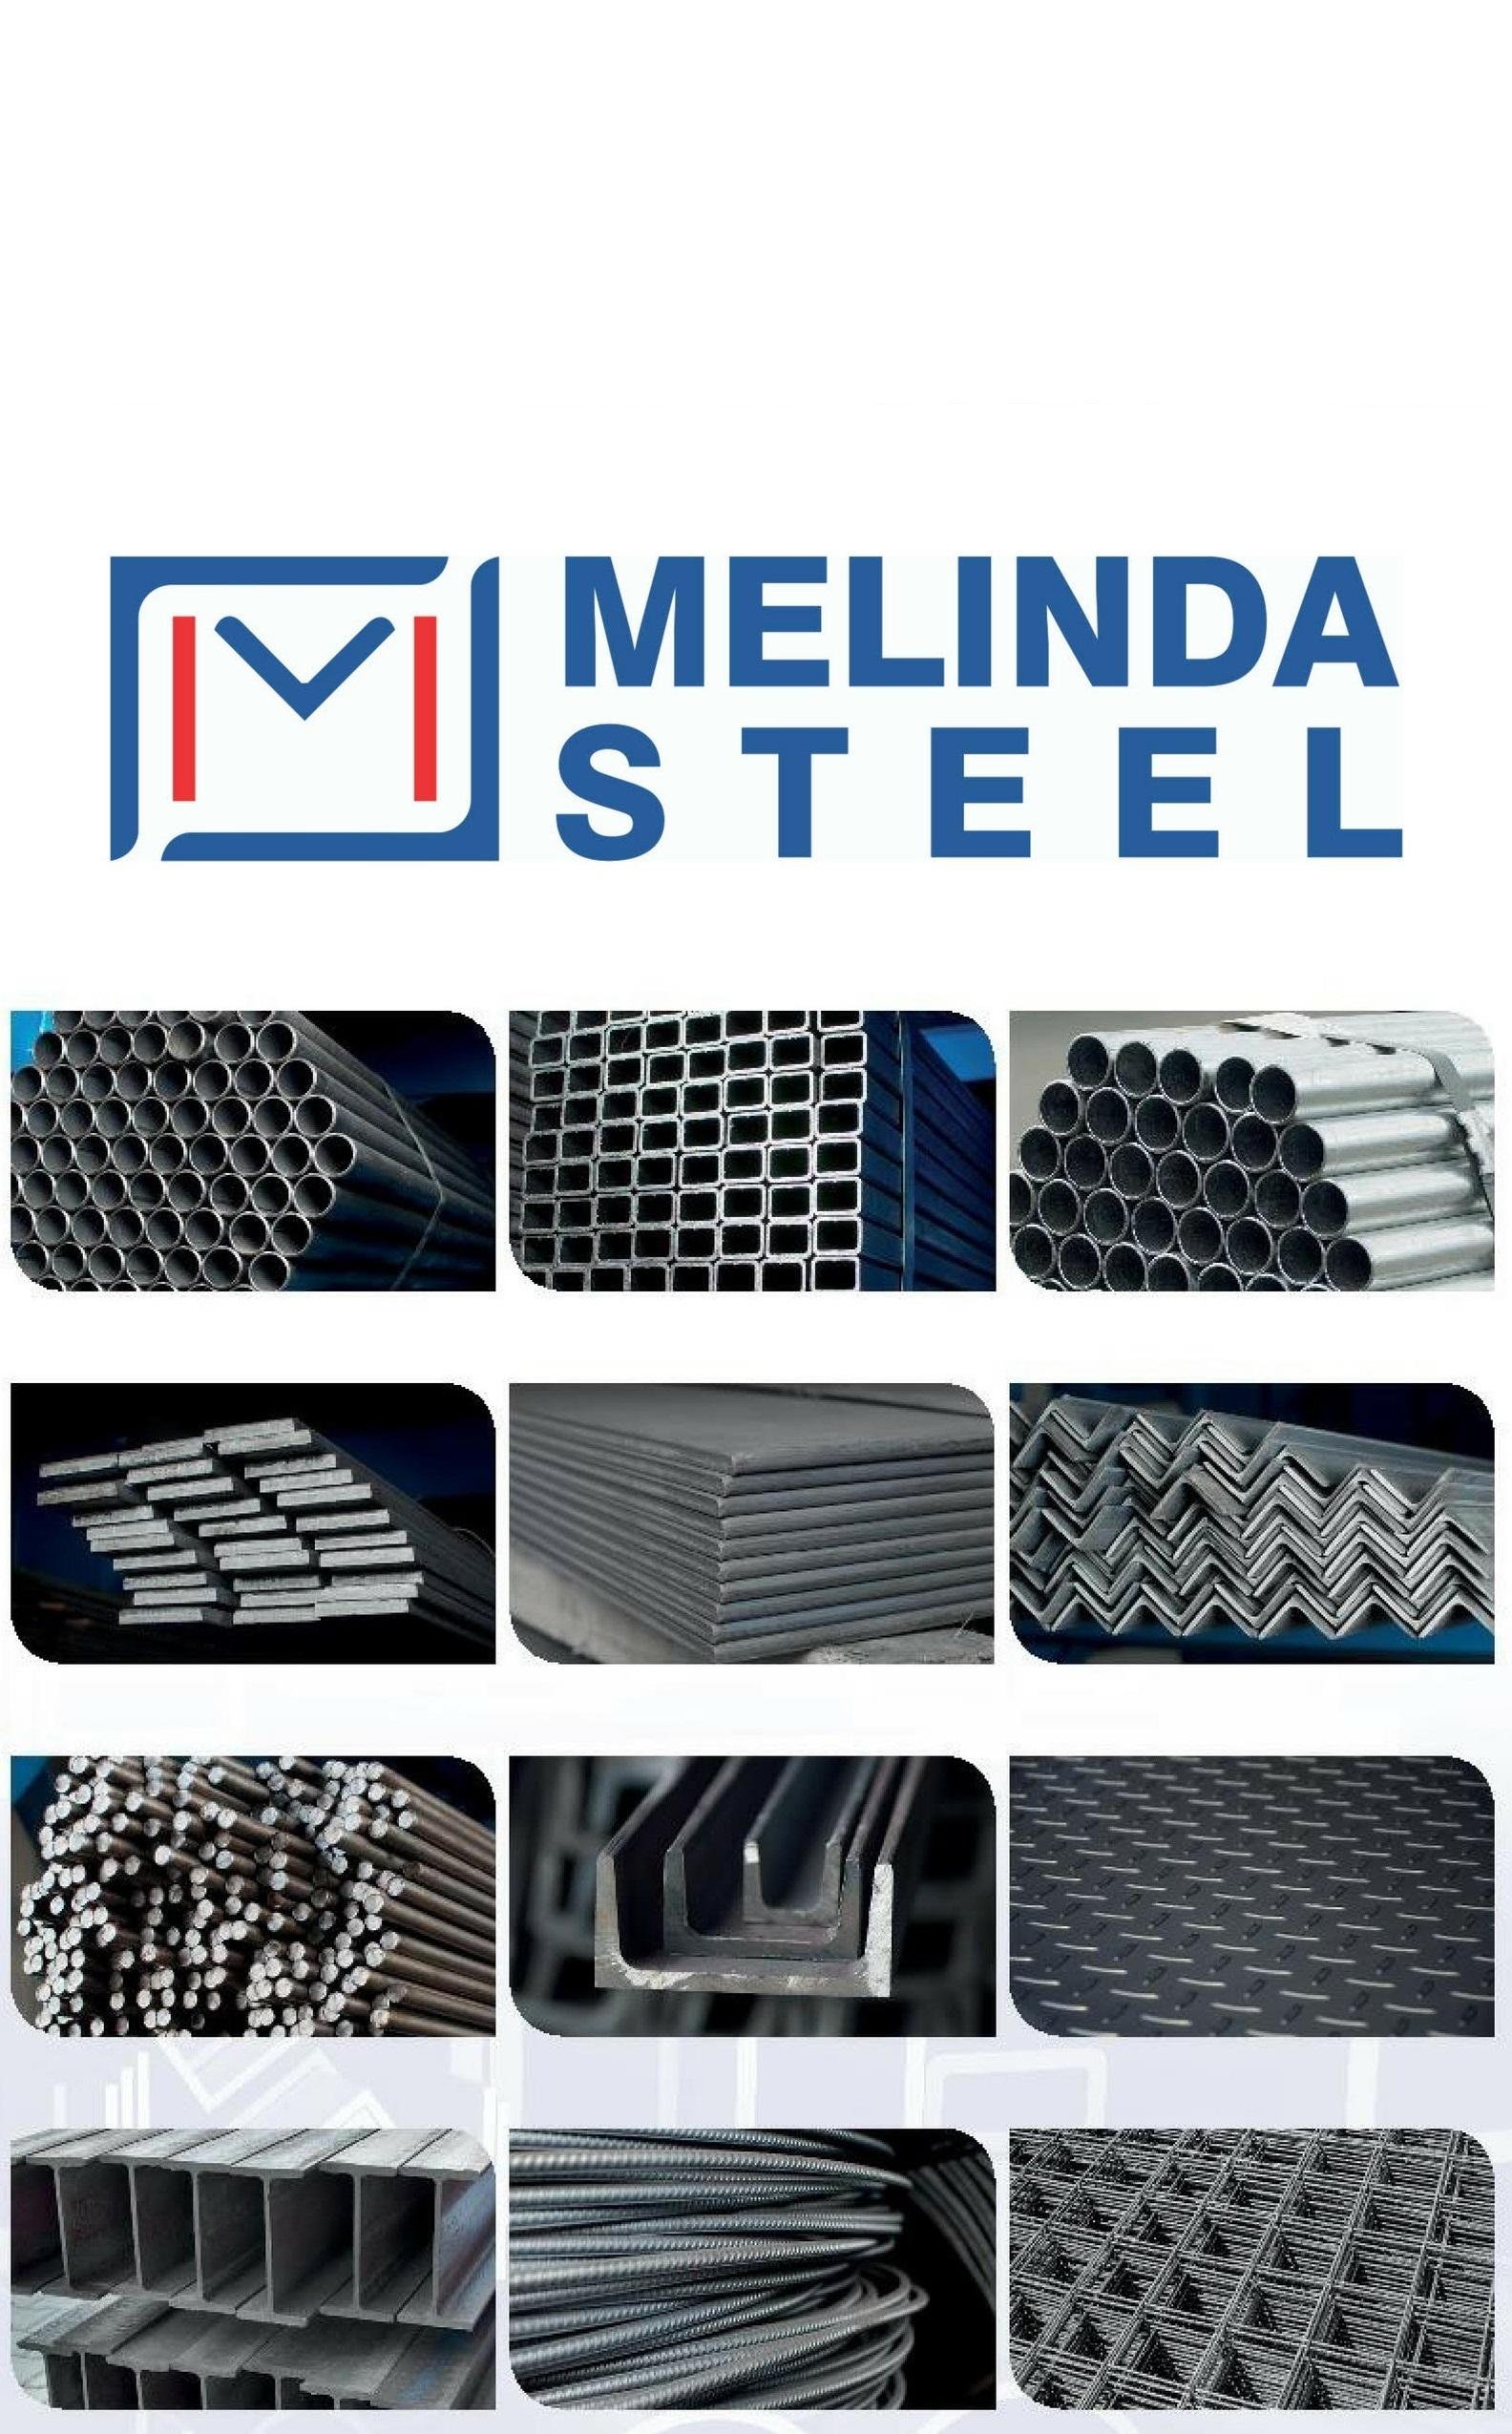 Melinda Steel, specialişti în oţel